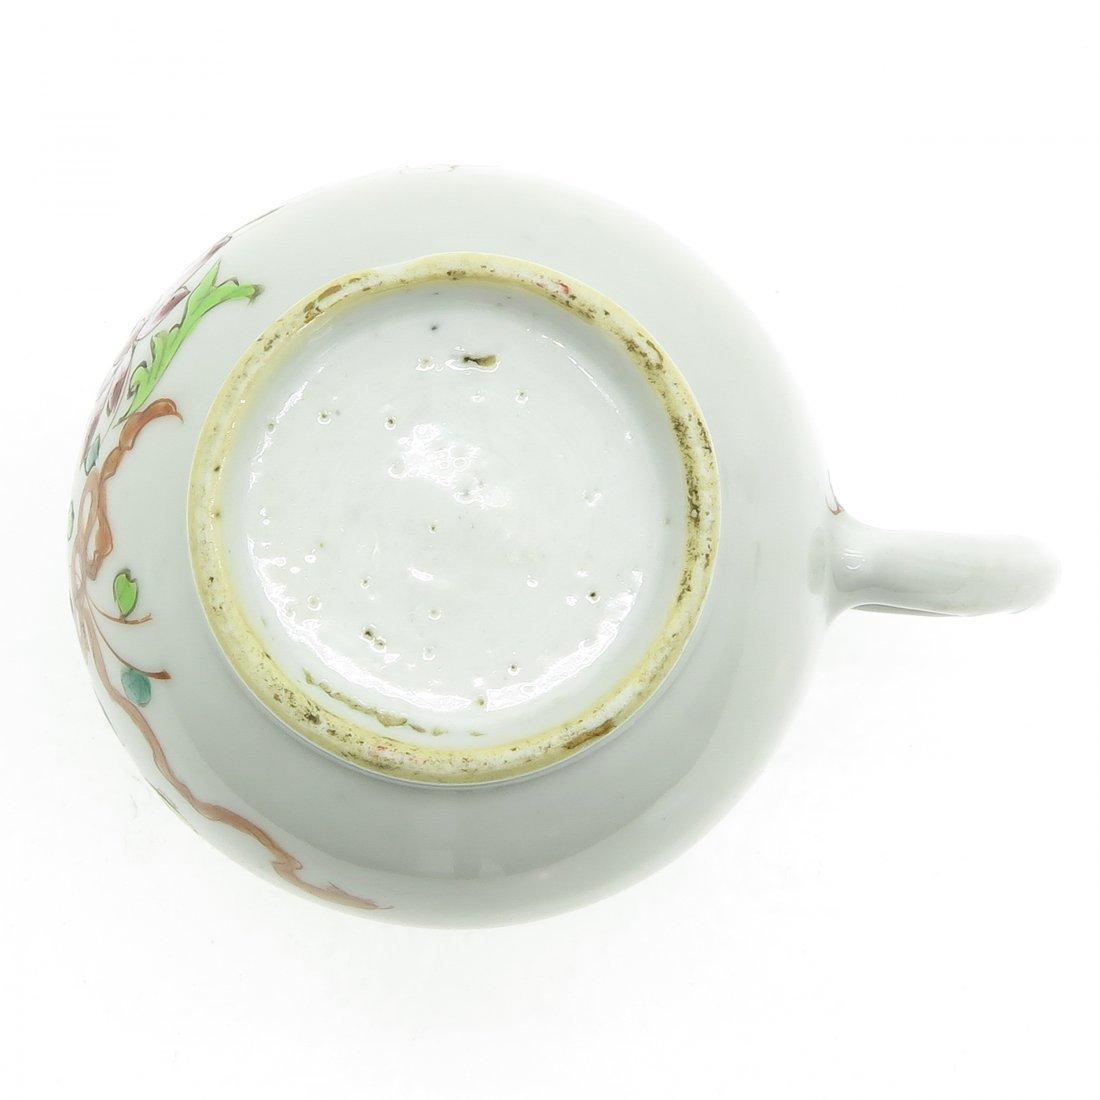 China Porcelain Pitcher Circa 1800 - 6